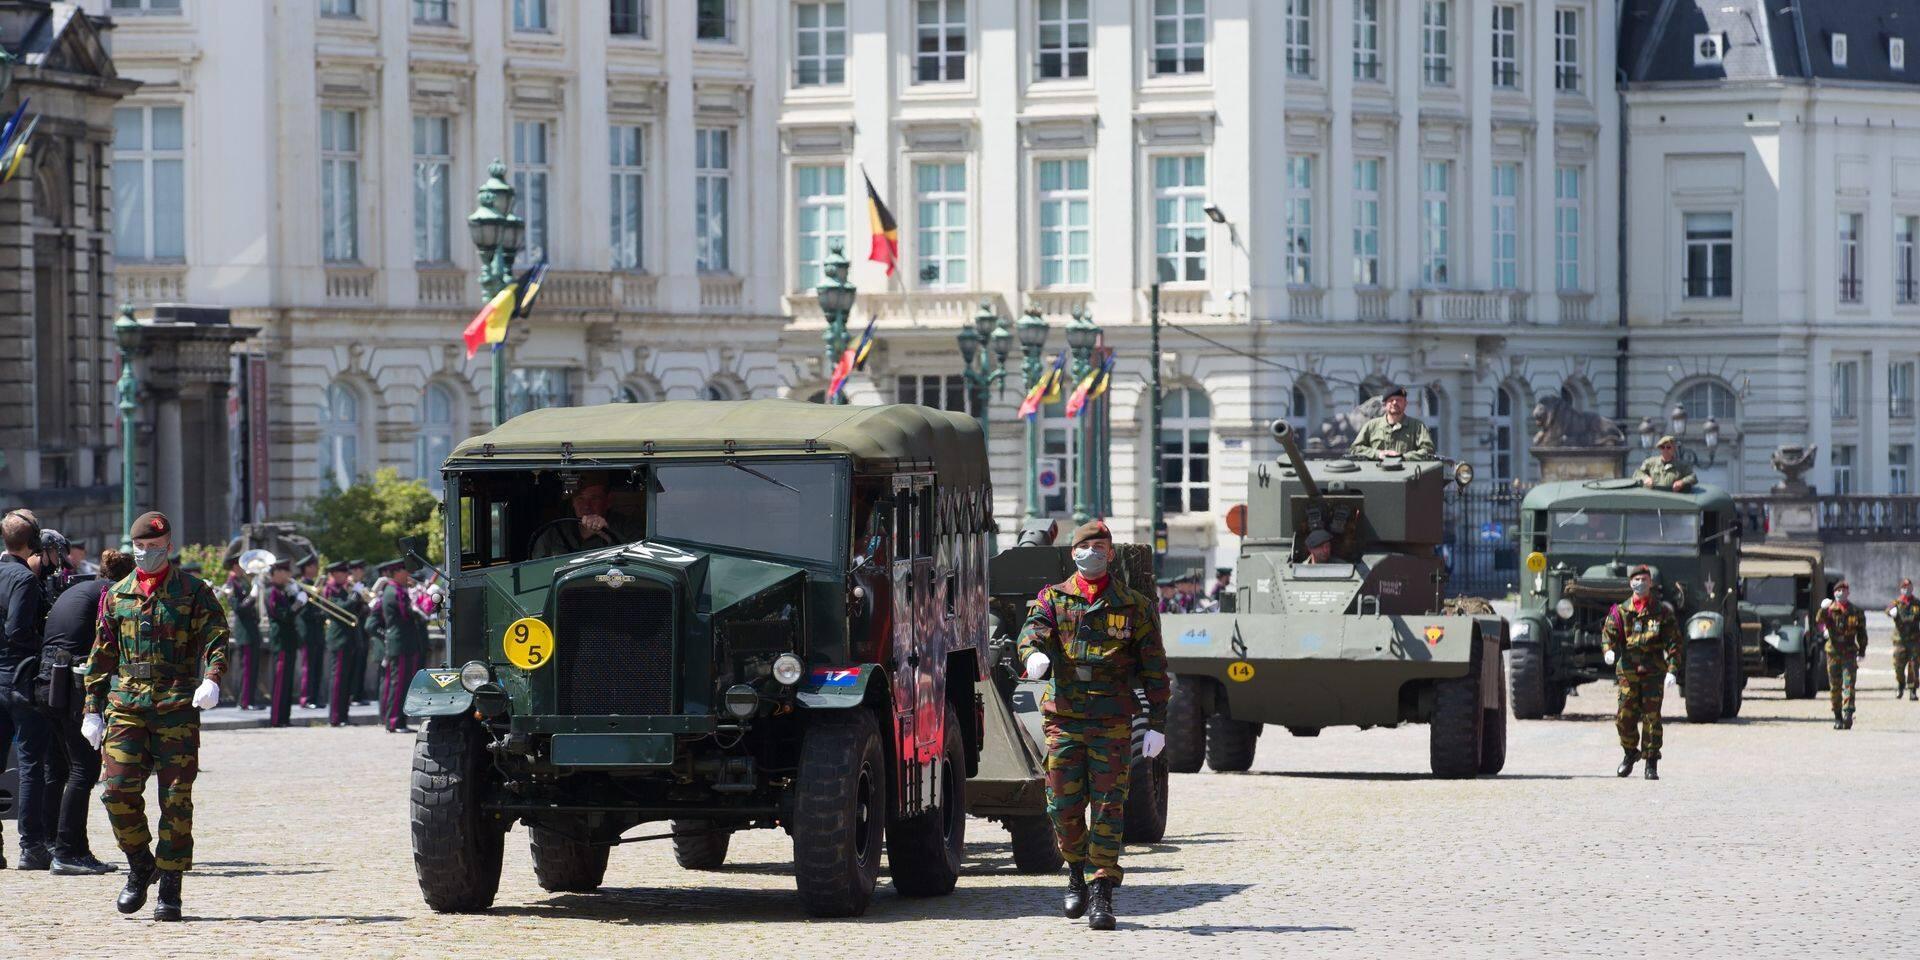 Défilé réduit, interdit au public et rues fermées dans le centre de Bruxelles pour la Fête nationale